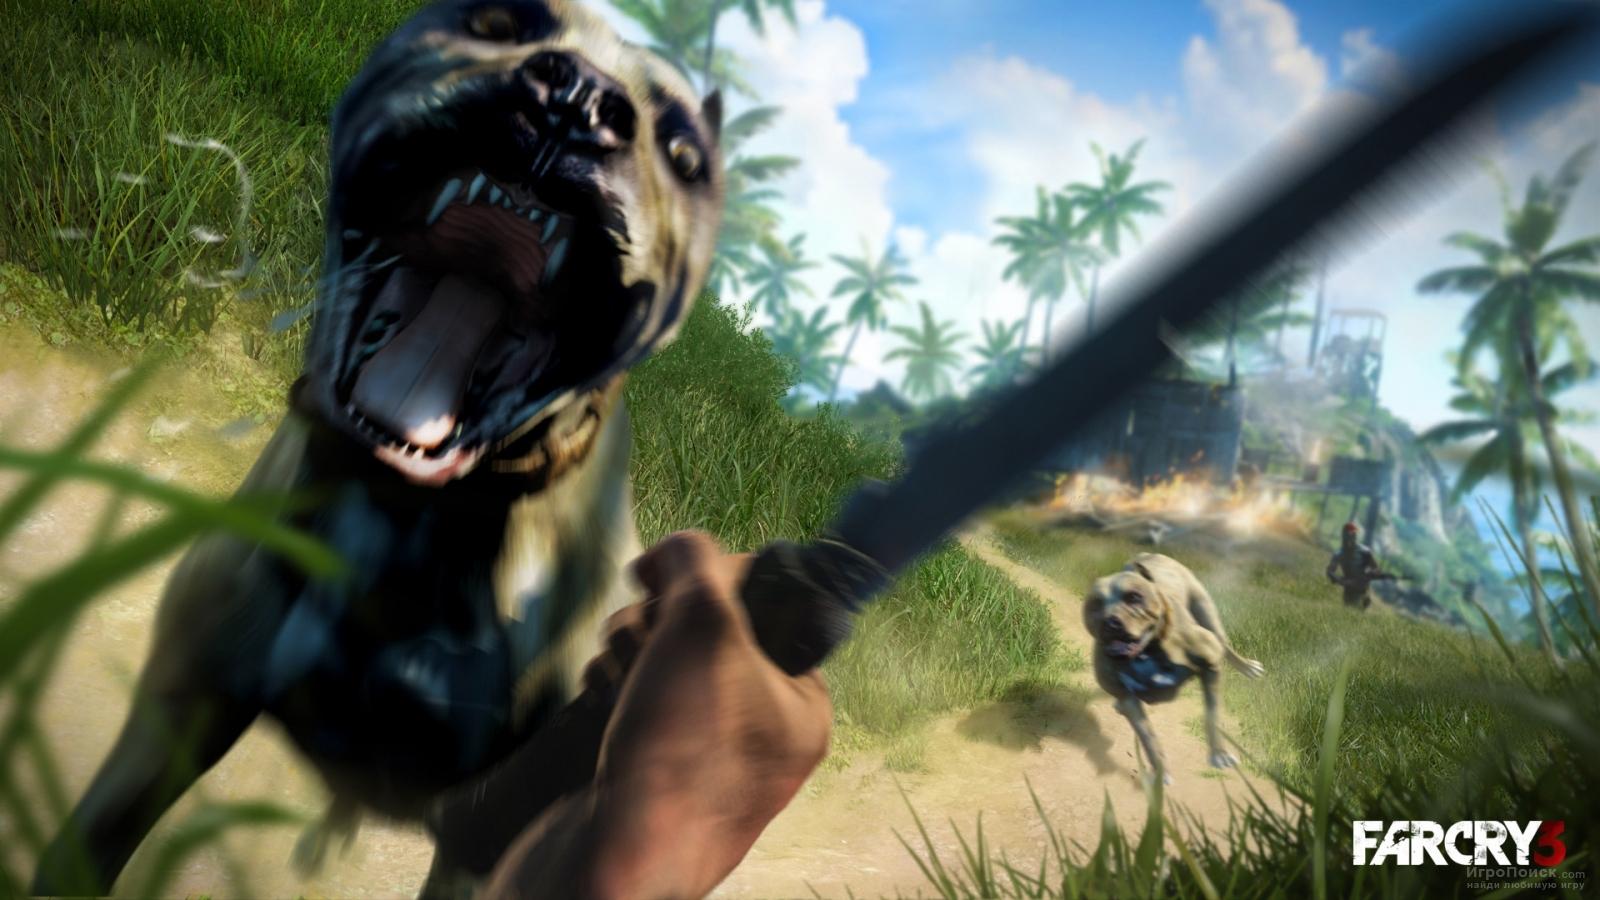 Смотреть как играют в far cry 3 с лололошкой прохождение на русском 18 фотография